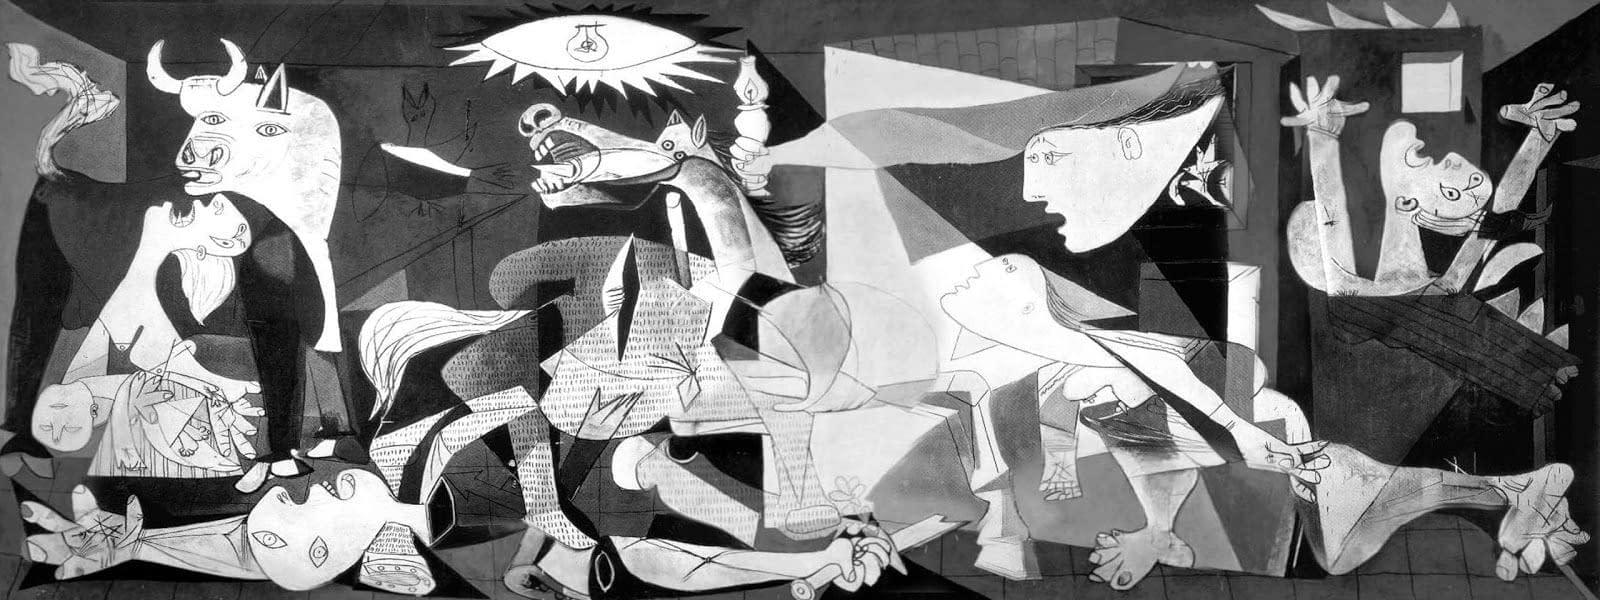 Un top de los 10 mejores artistas de arte abstracto